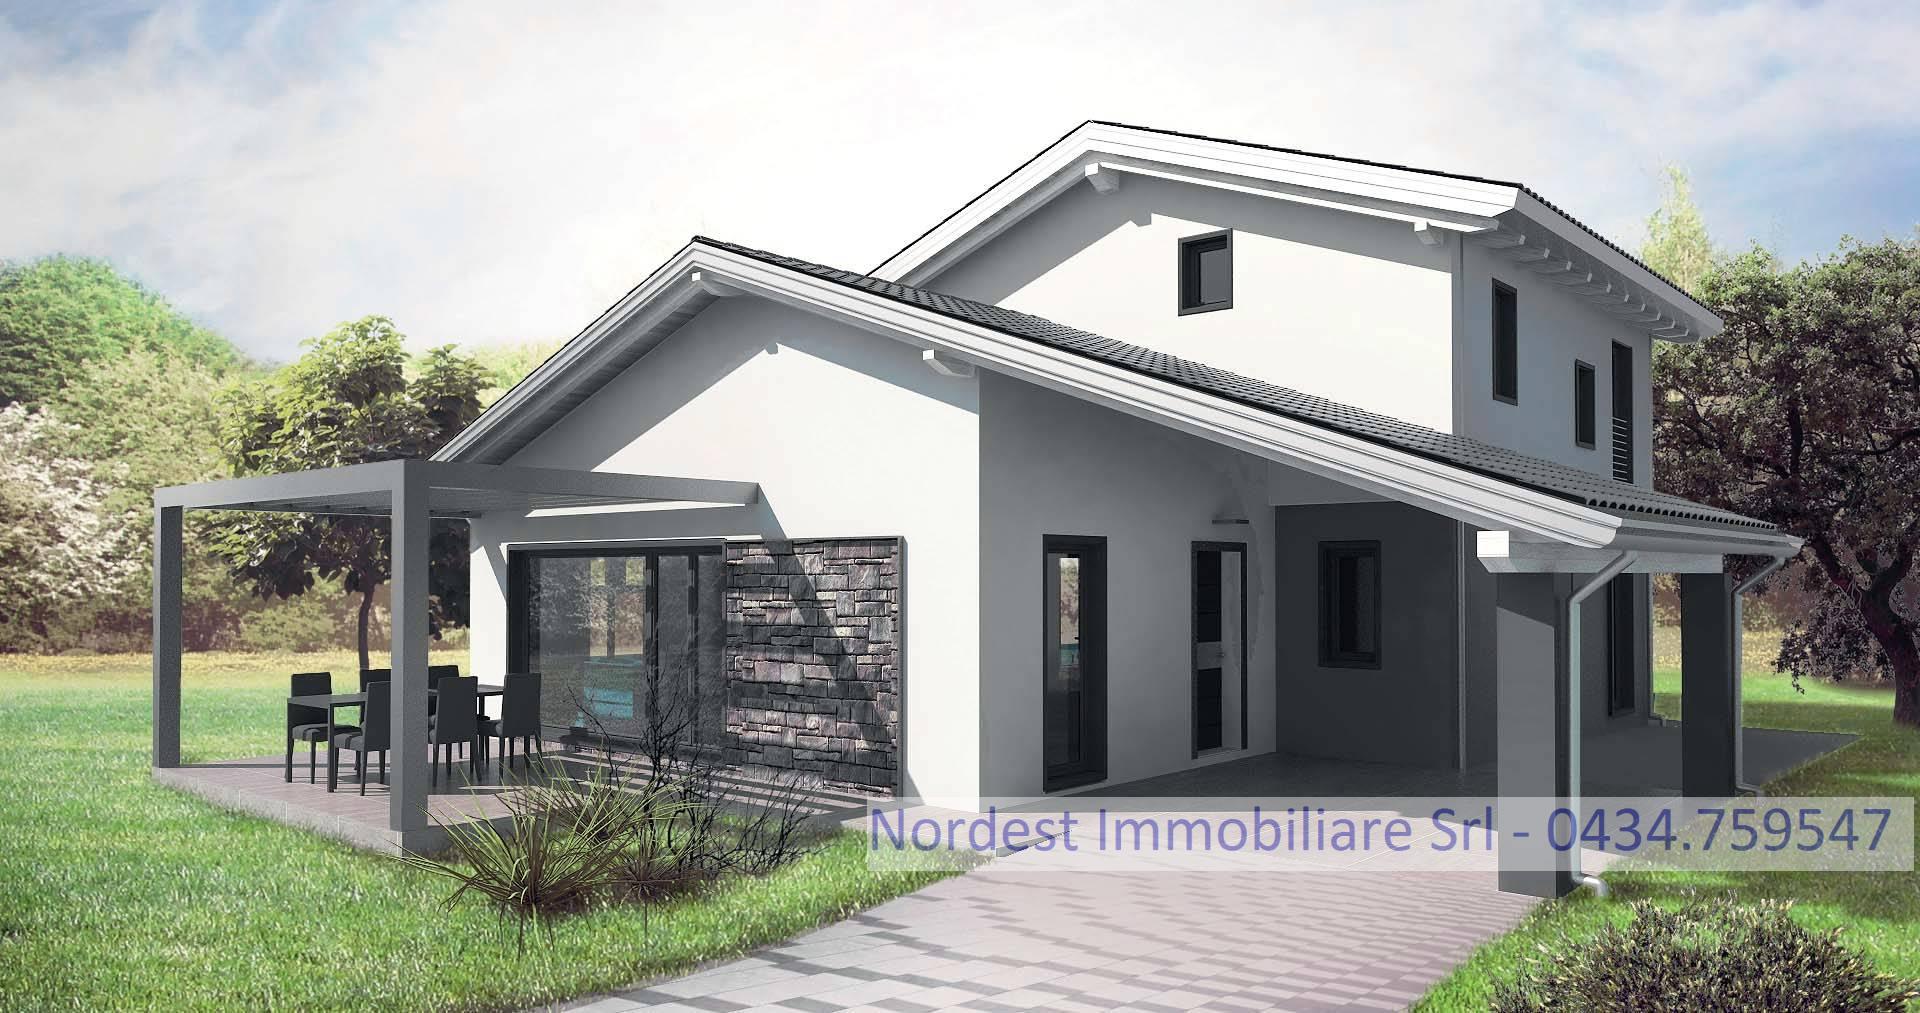 Soluzione Indipendente in vendita a Giavera del Montello, 6 locali, prezzo € 160.000 | CambioCasa.it